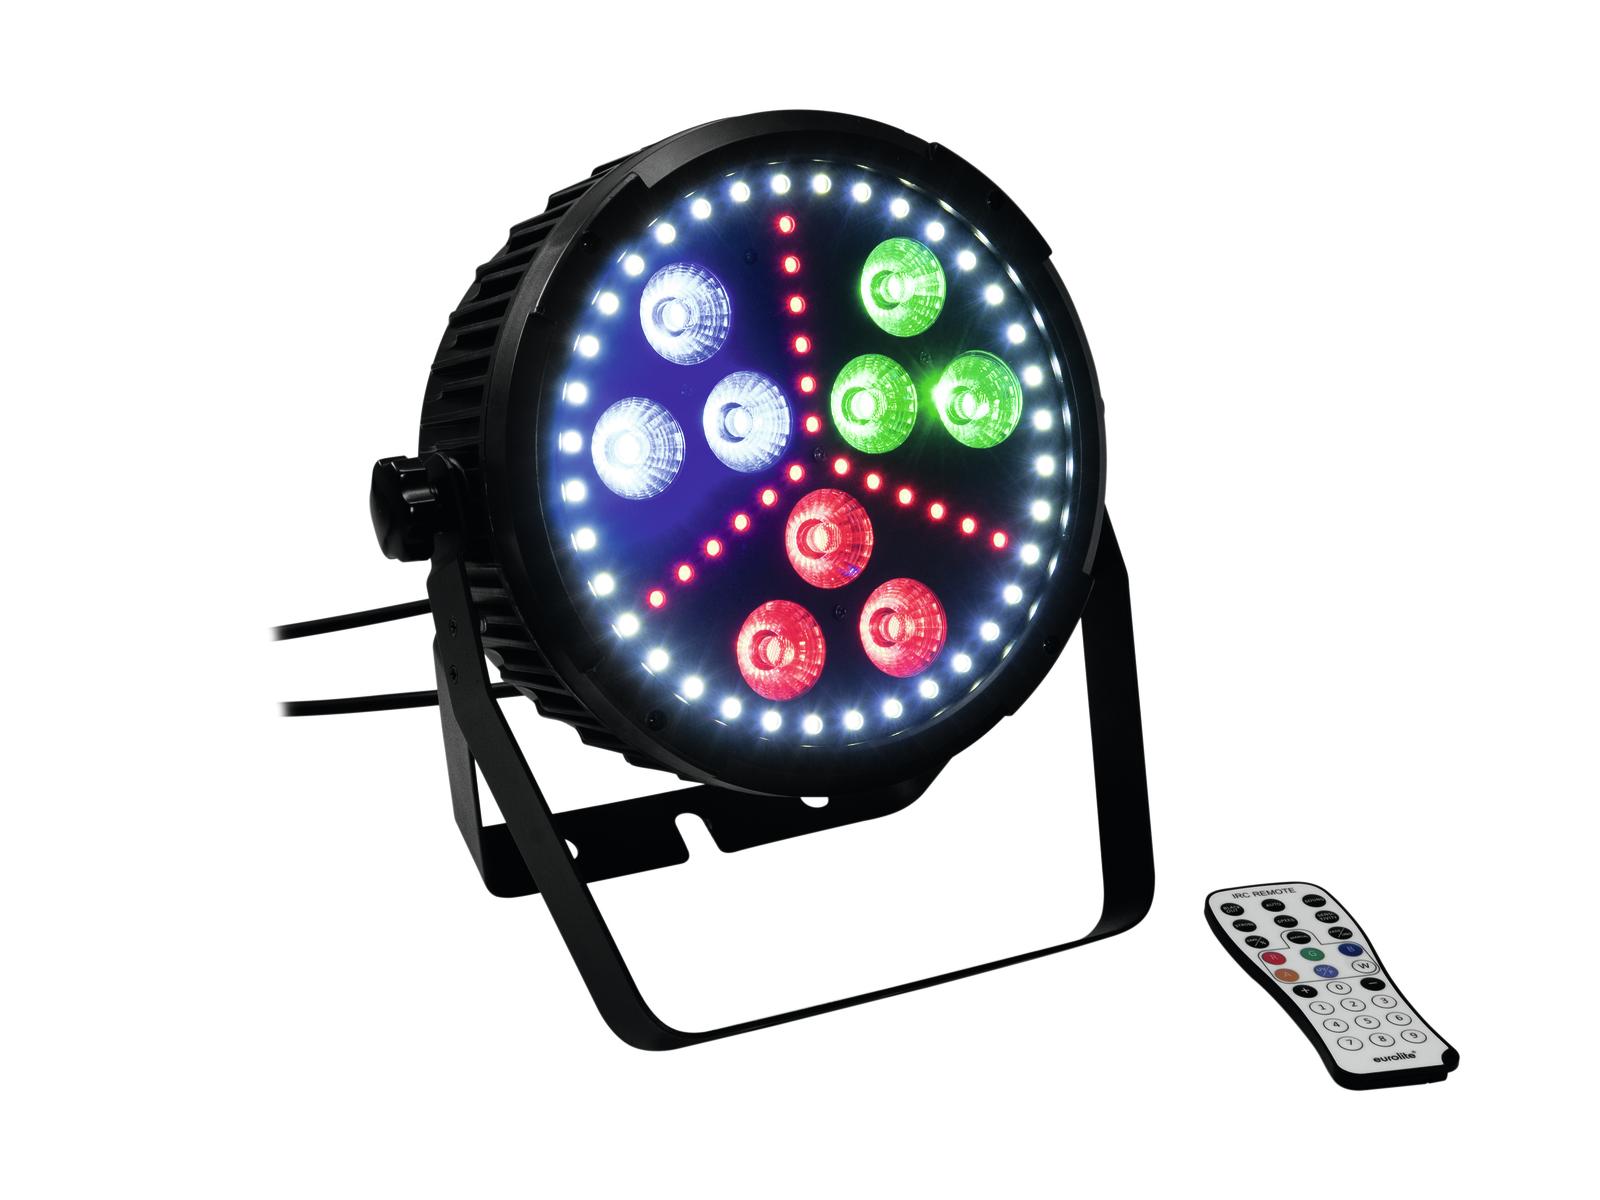 Eurolite LED SLS-10 Hybrid reflektor, 9x10W HCL, 36x0,5W bílá, 18x 0,2 RGB